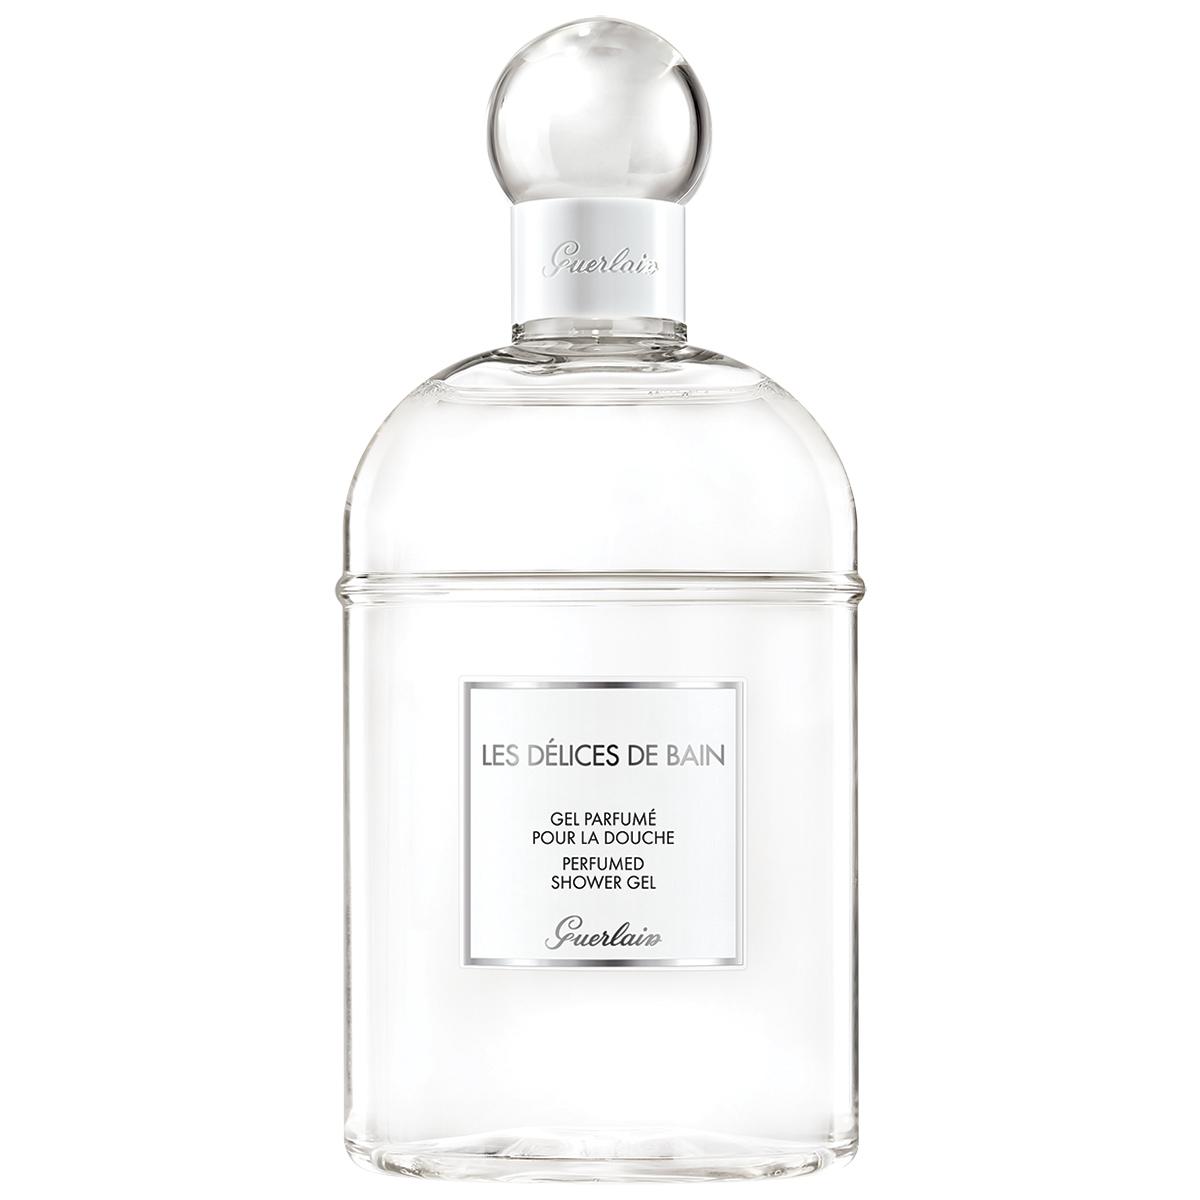 Guerlain - Les Délices de Bain - Gel parfumé pour la douche 200 ml